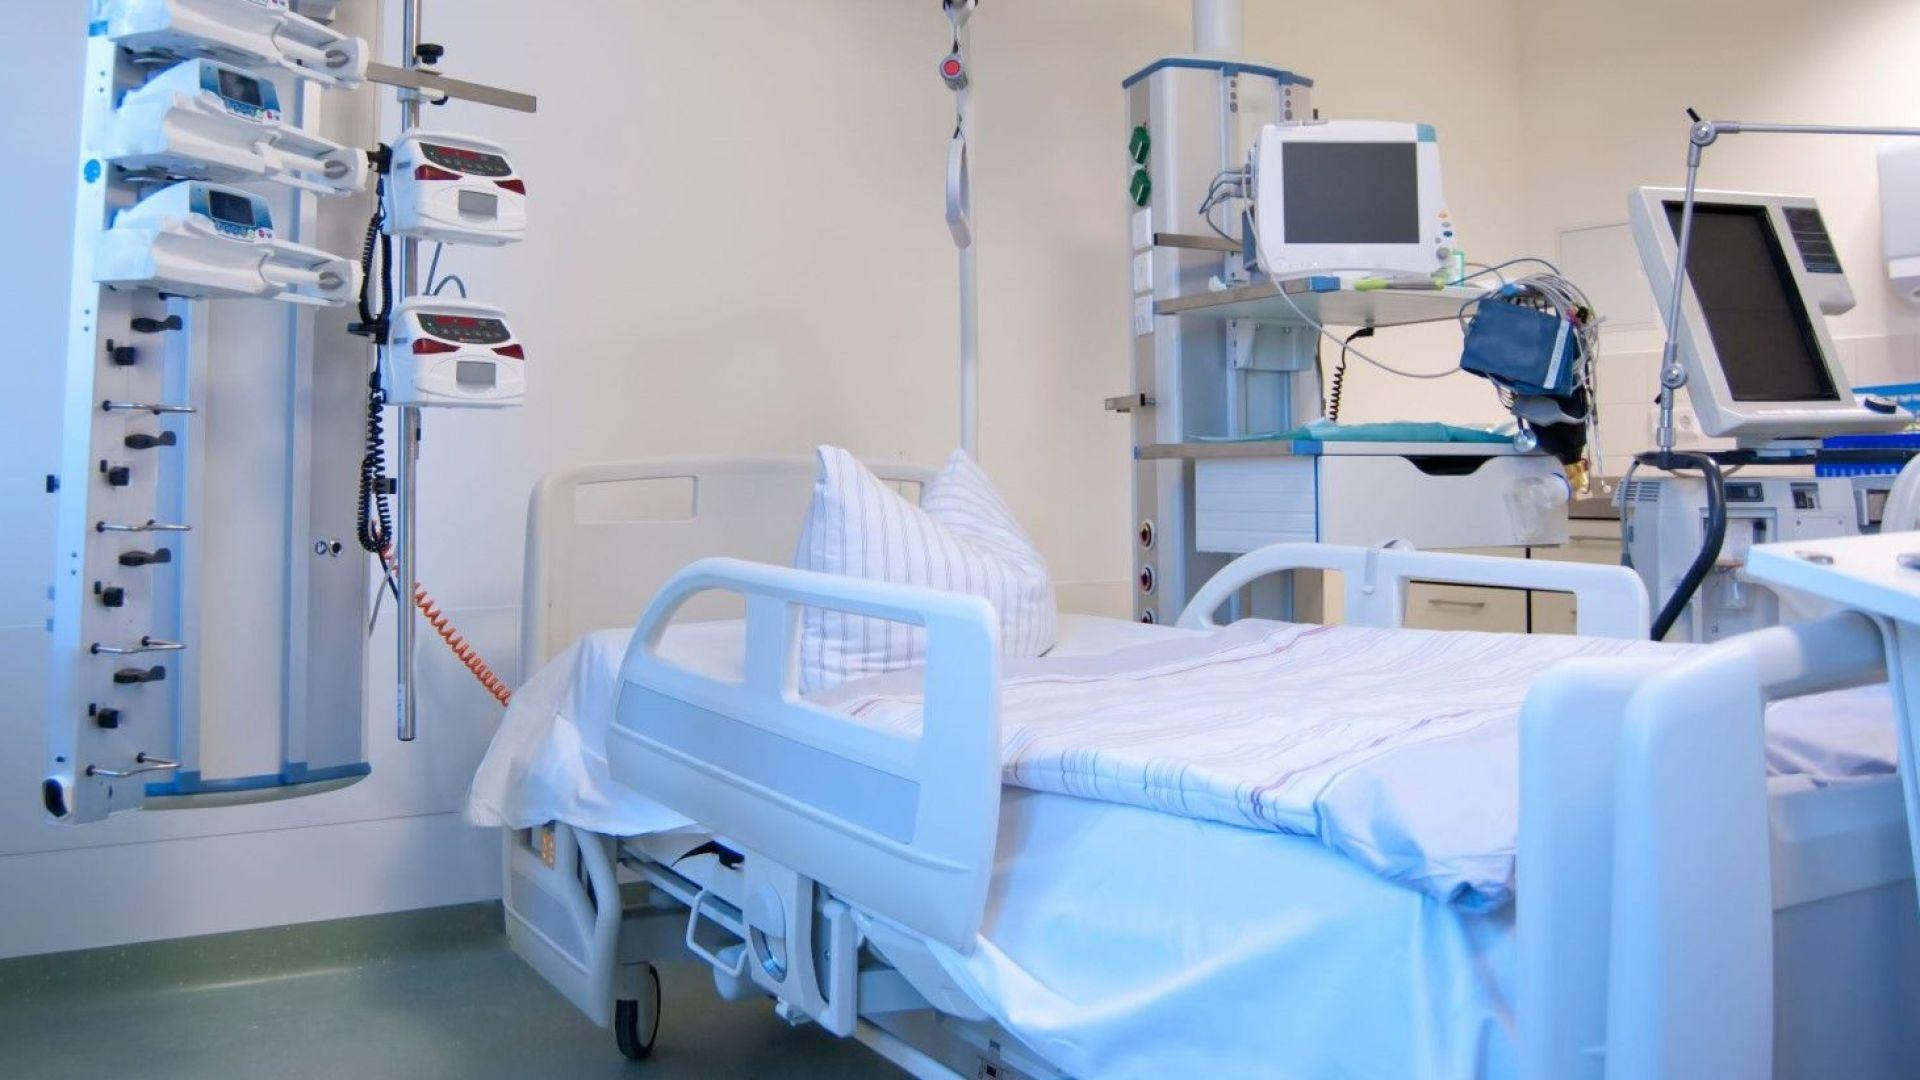 23-годишен моторист почина в болница след удар в бус